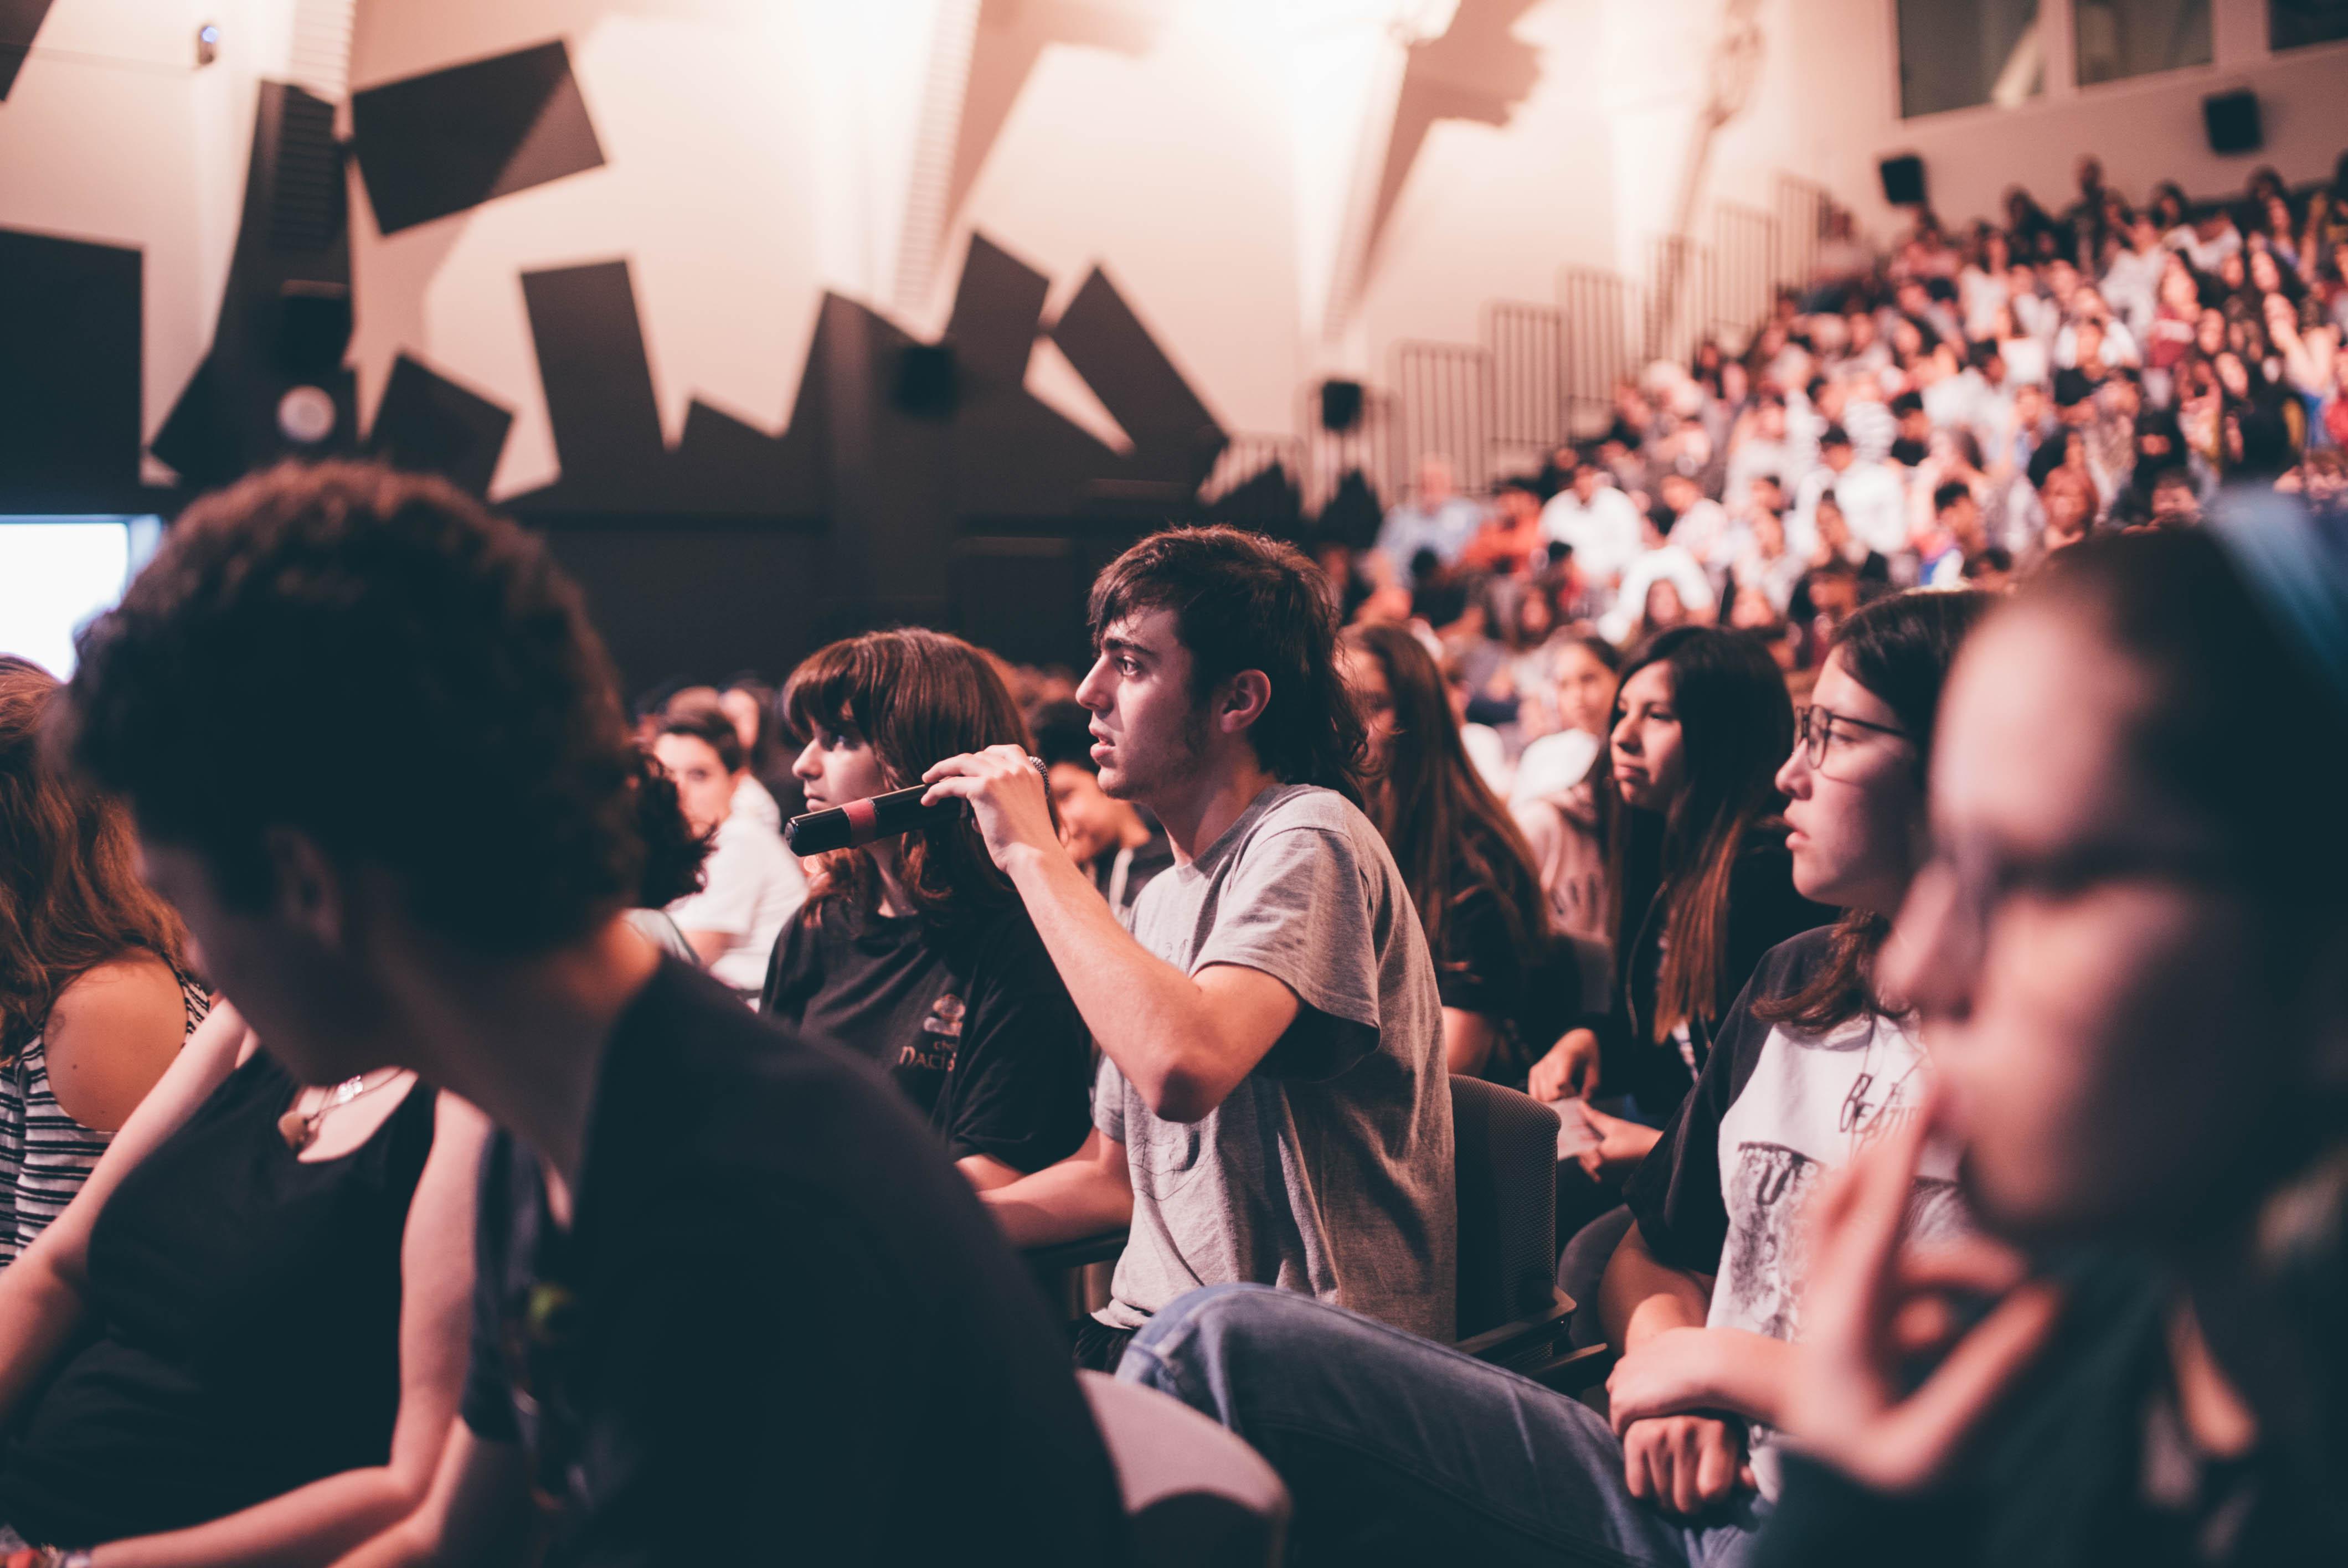 Público adolescente haciendo preguntas en un coloquio de cine.